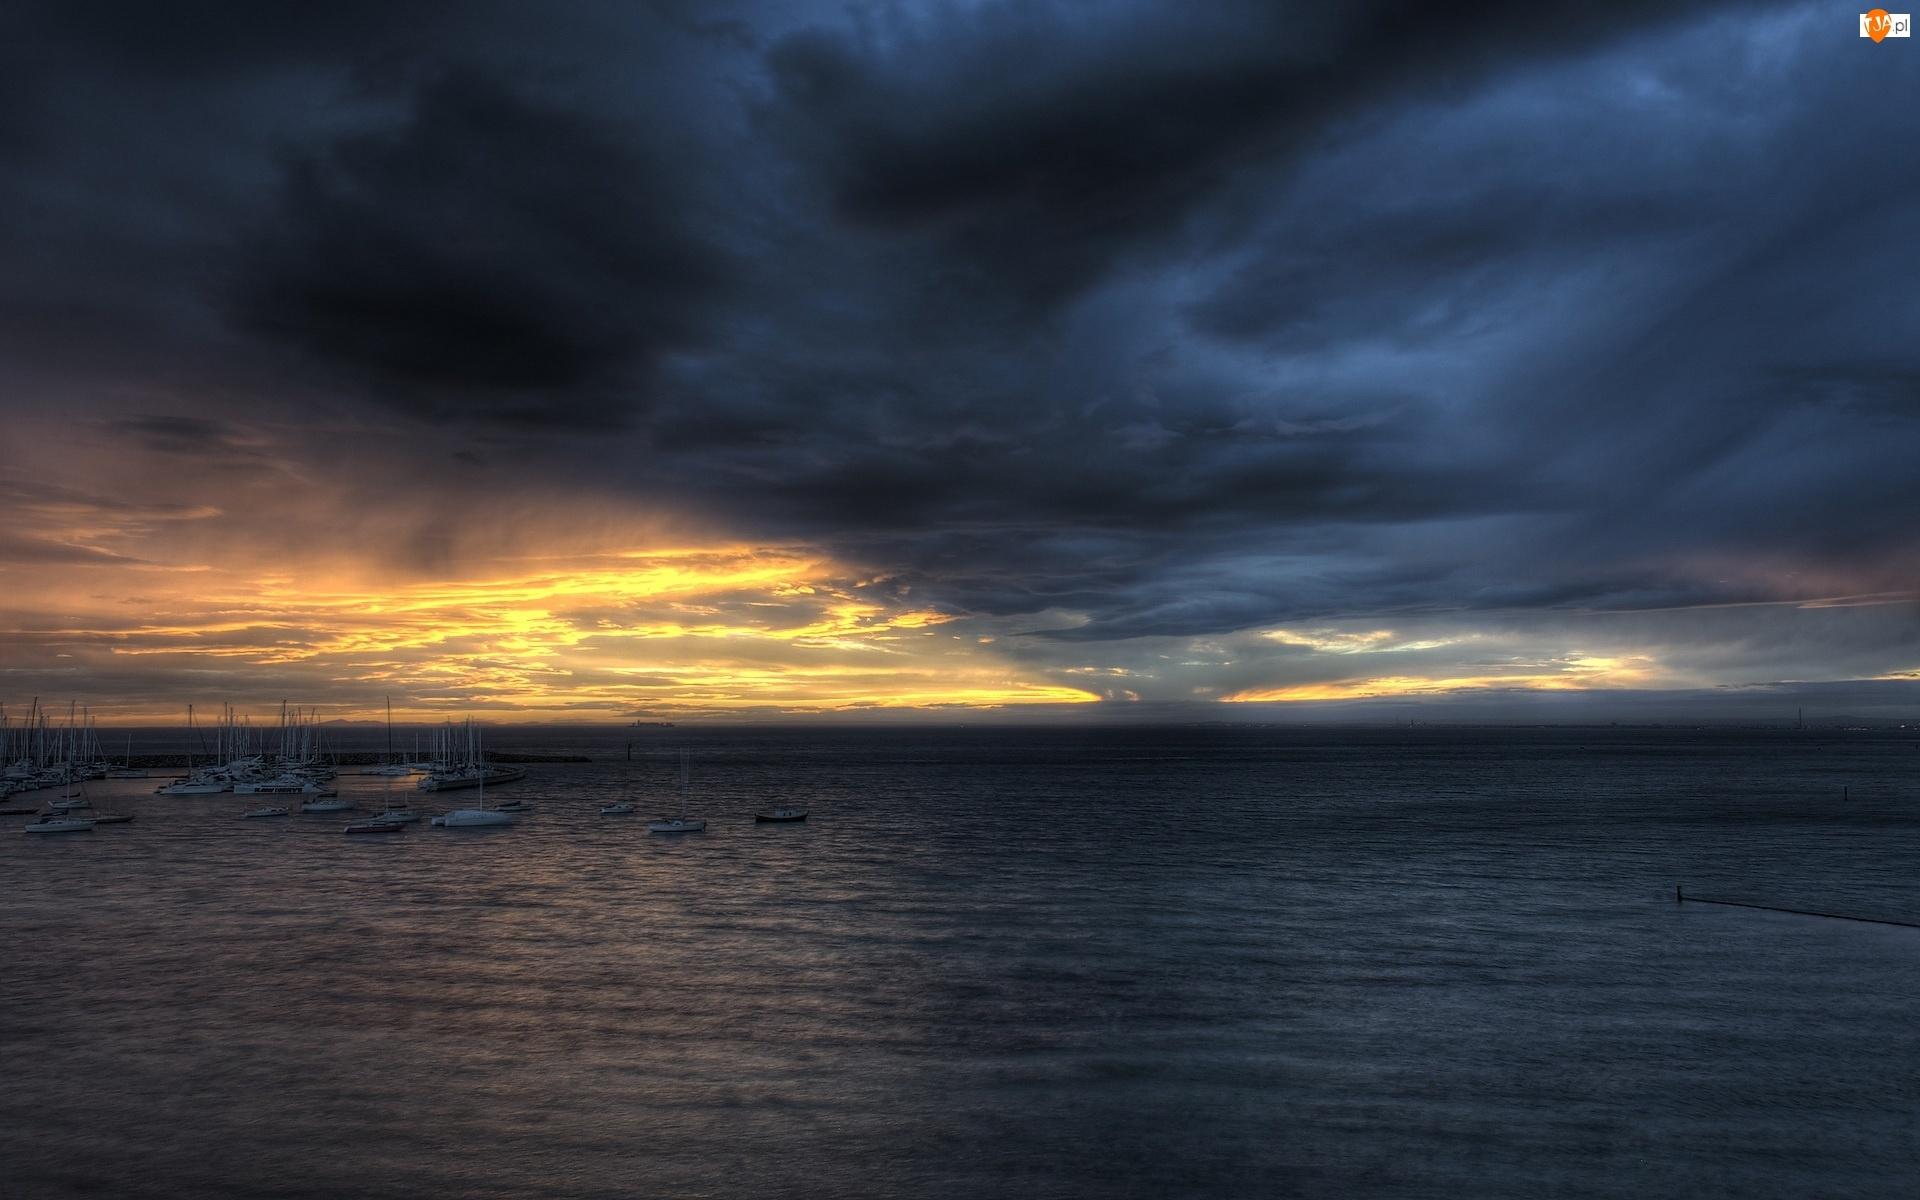 Łódki, Morze, Niebo, Pochmurne, Jachty